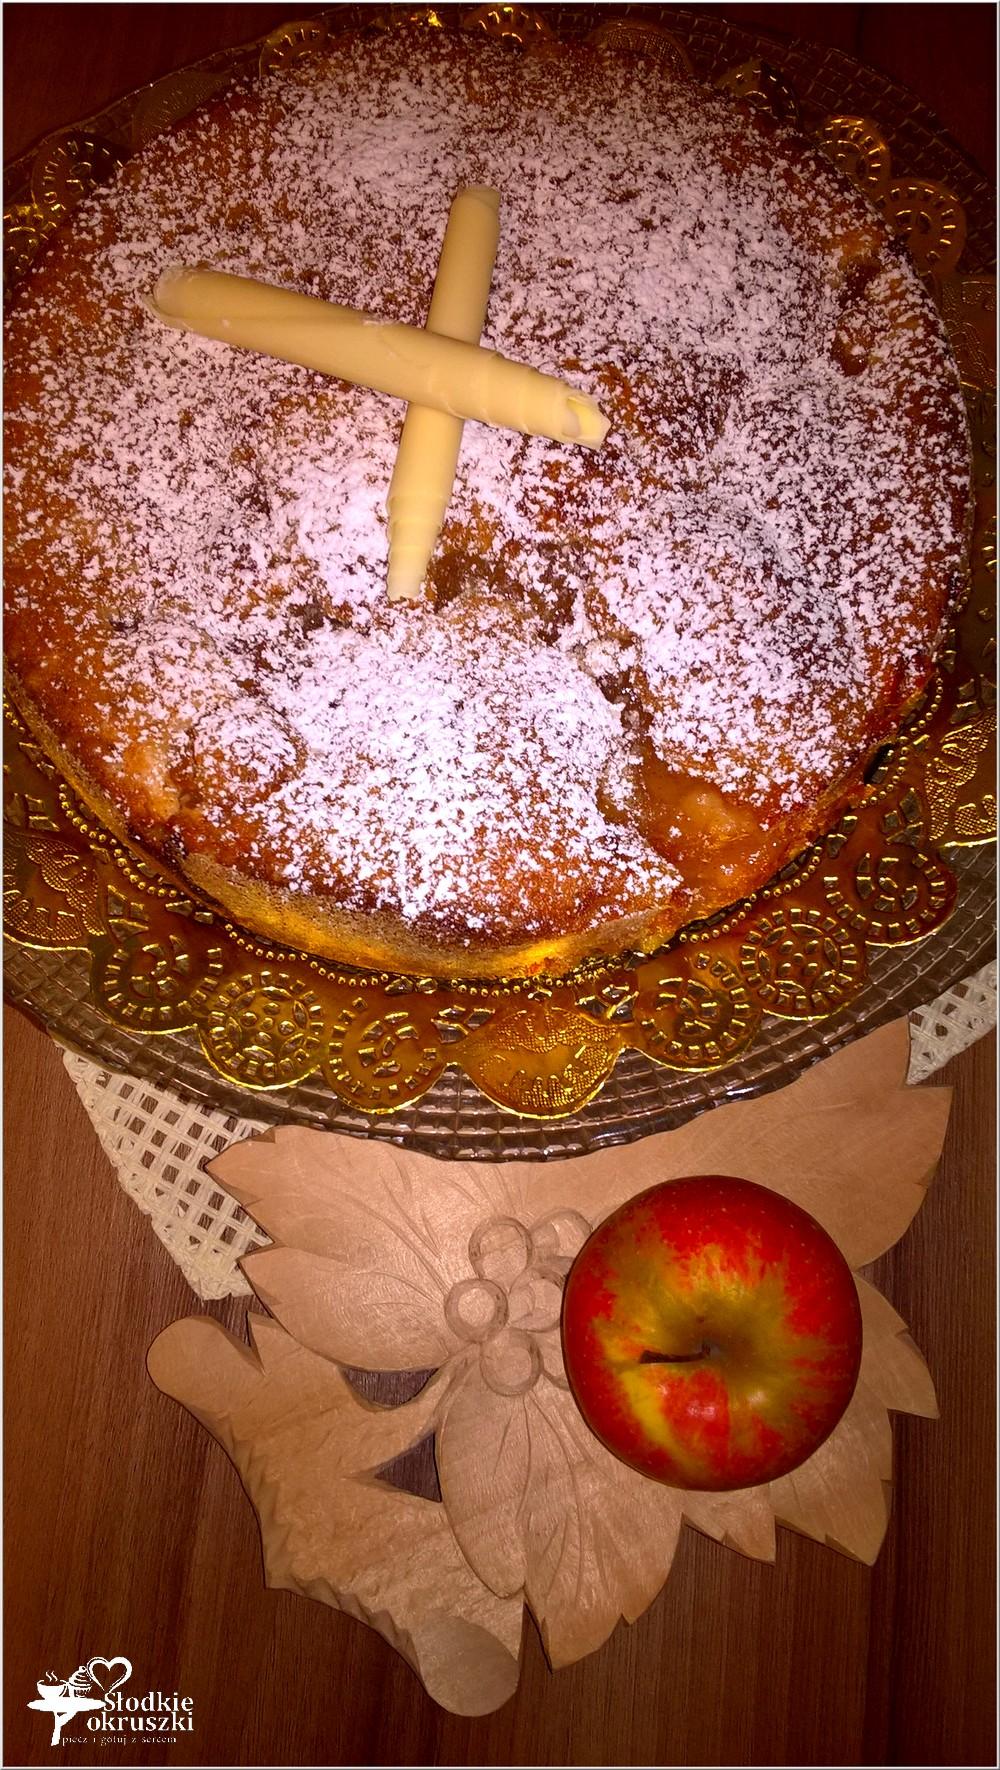 ciasto-z-prazonymi-jablkami-jablecznik-4